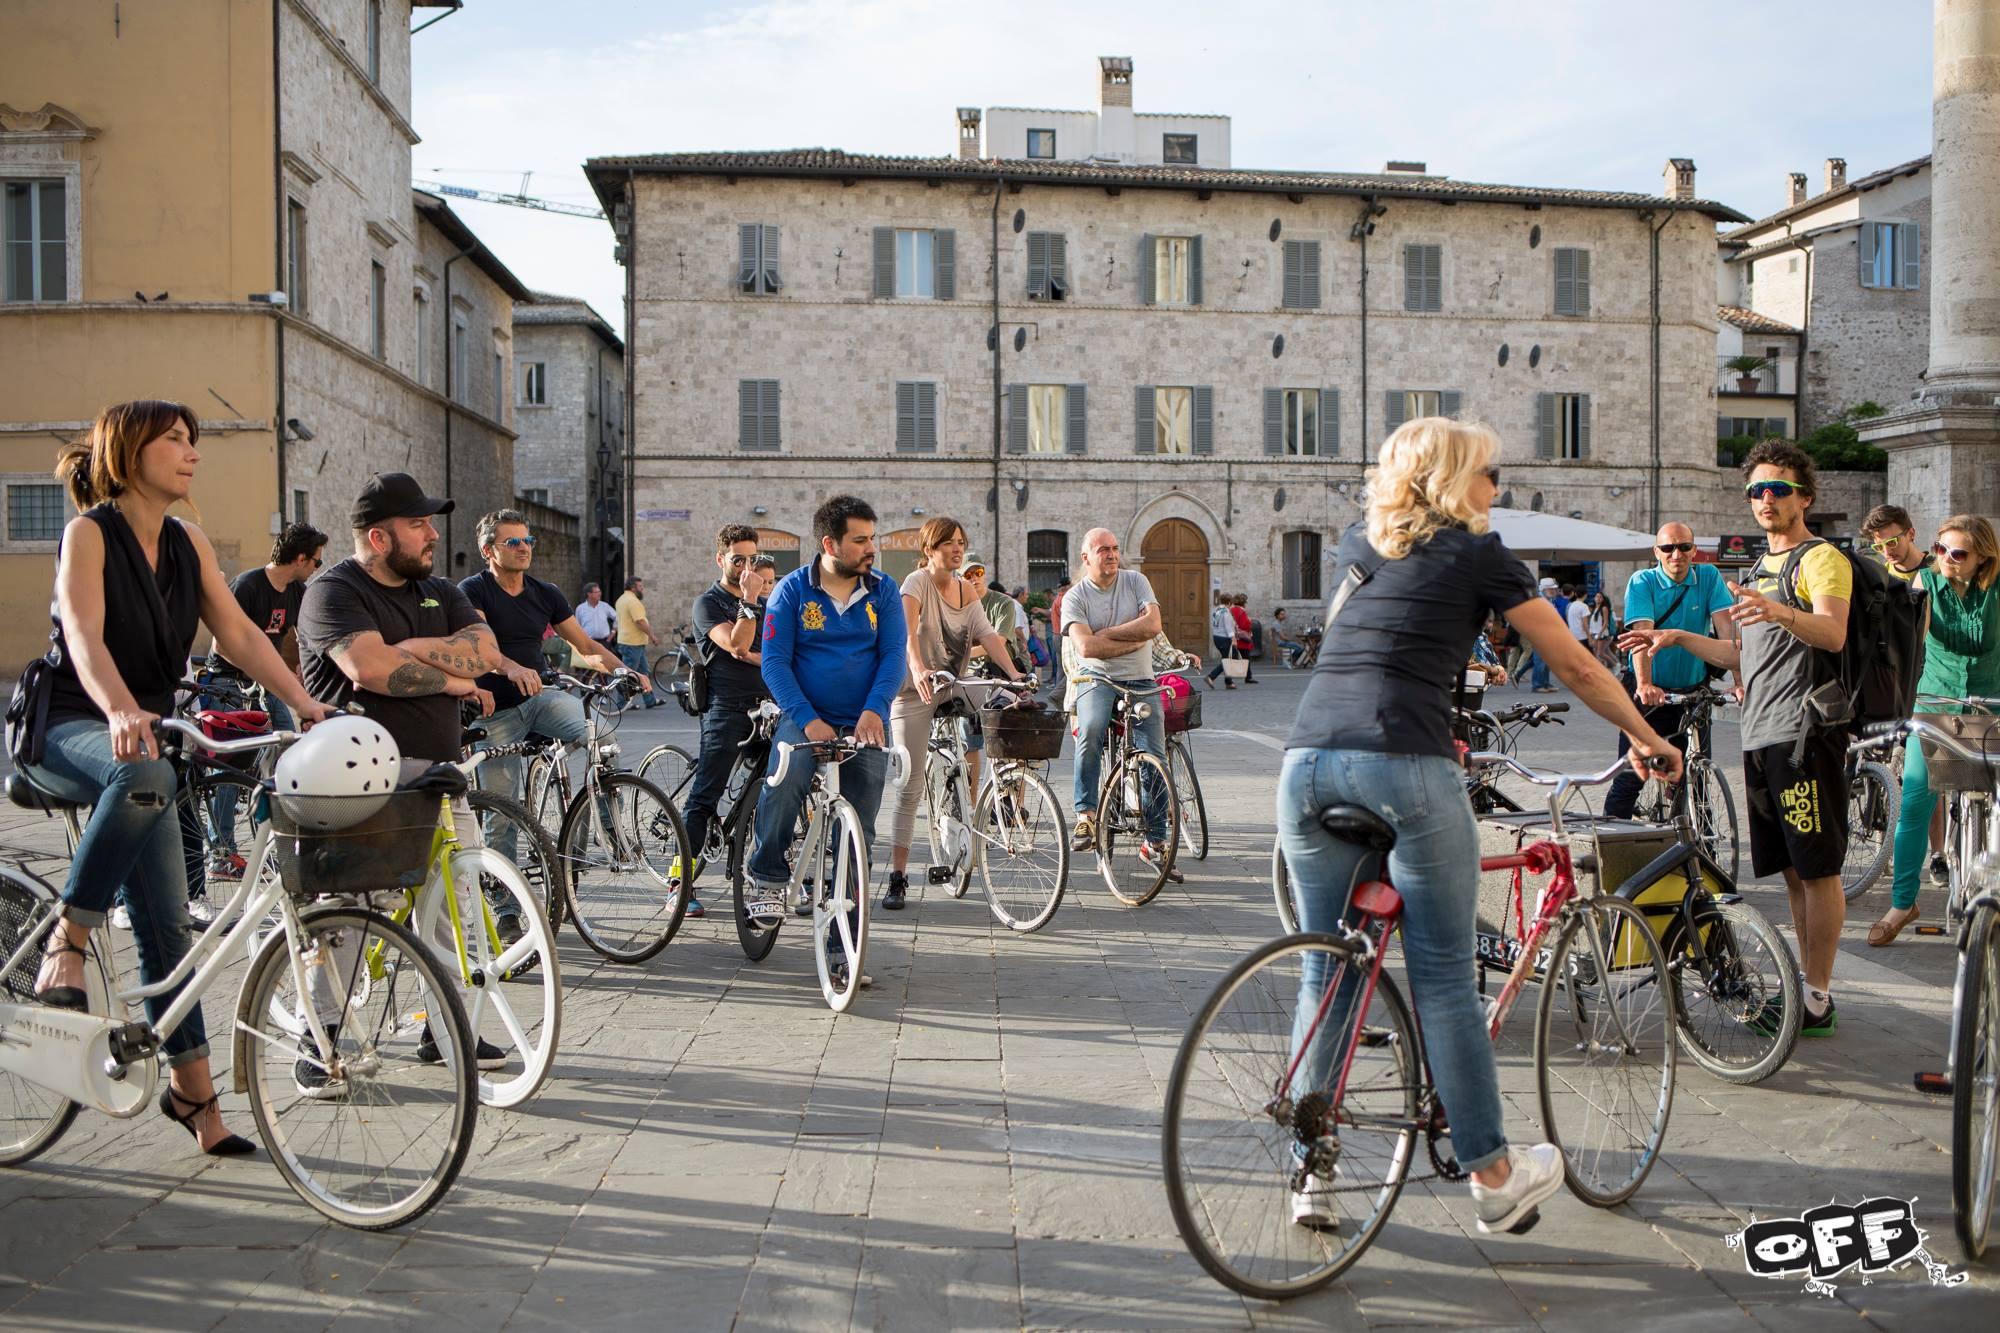 Visitare Ascoli Piceno in bici si può, con l'Aperibicycle®!